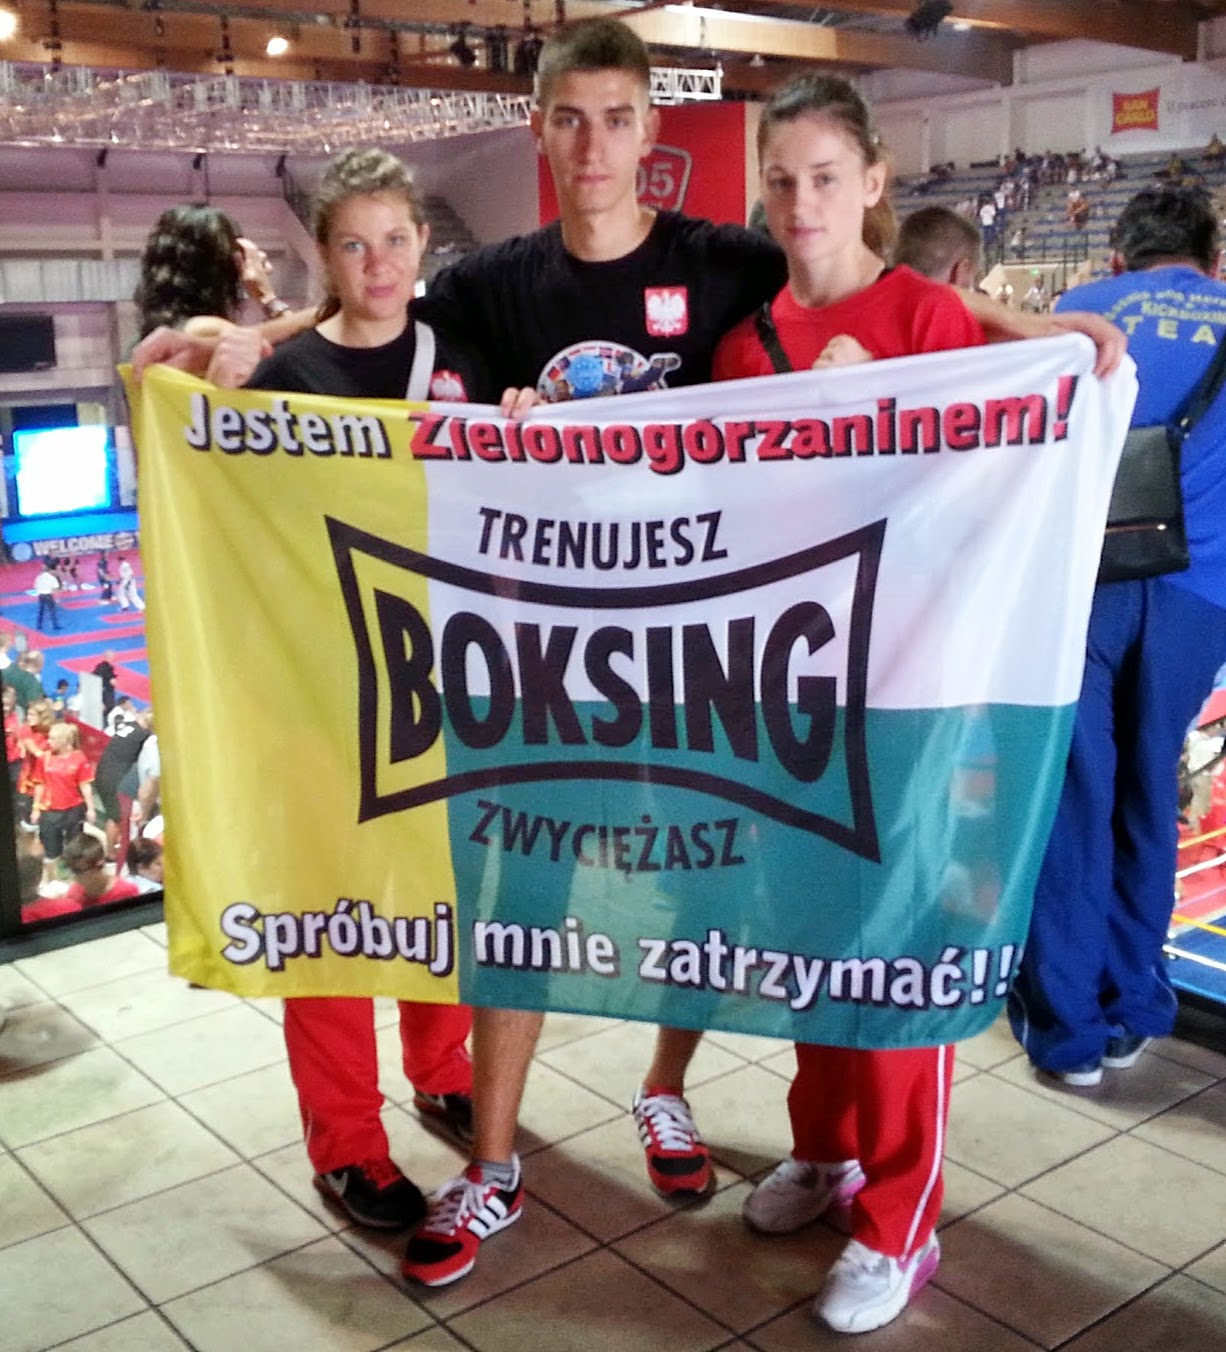 Mistrzostwa Świata, sport, SKF Boksing Zielona Góra, low kick, full contact, kickboxing, junior, kadet, Gleisner, Rychlikowski, Szlachcic